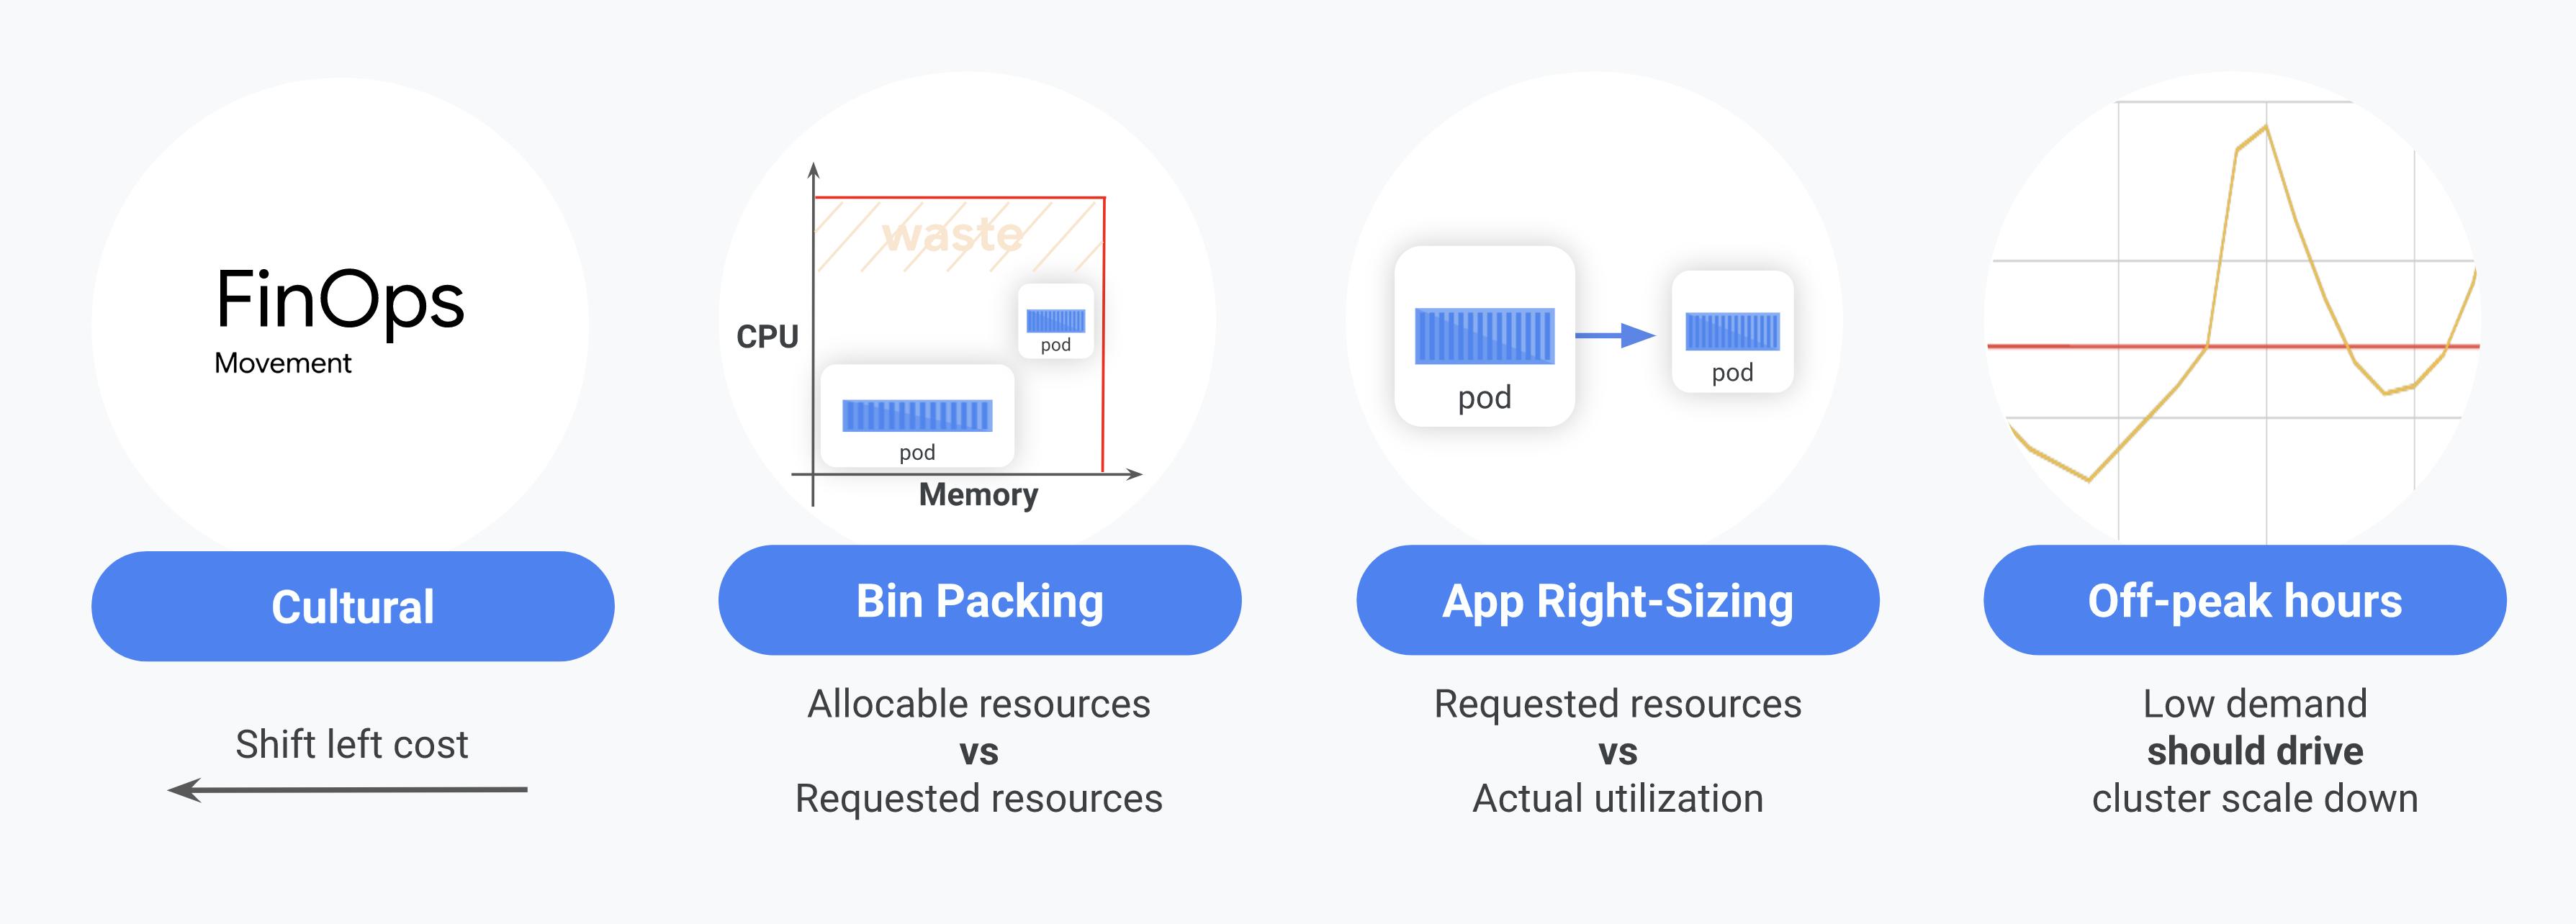 Les quatre principaux problèmes détectés par les équipes: culture, bin-packing (distribution), redimensionnement des applications et scaling à la baisse hors heures creuses.